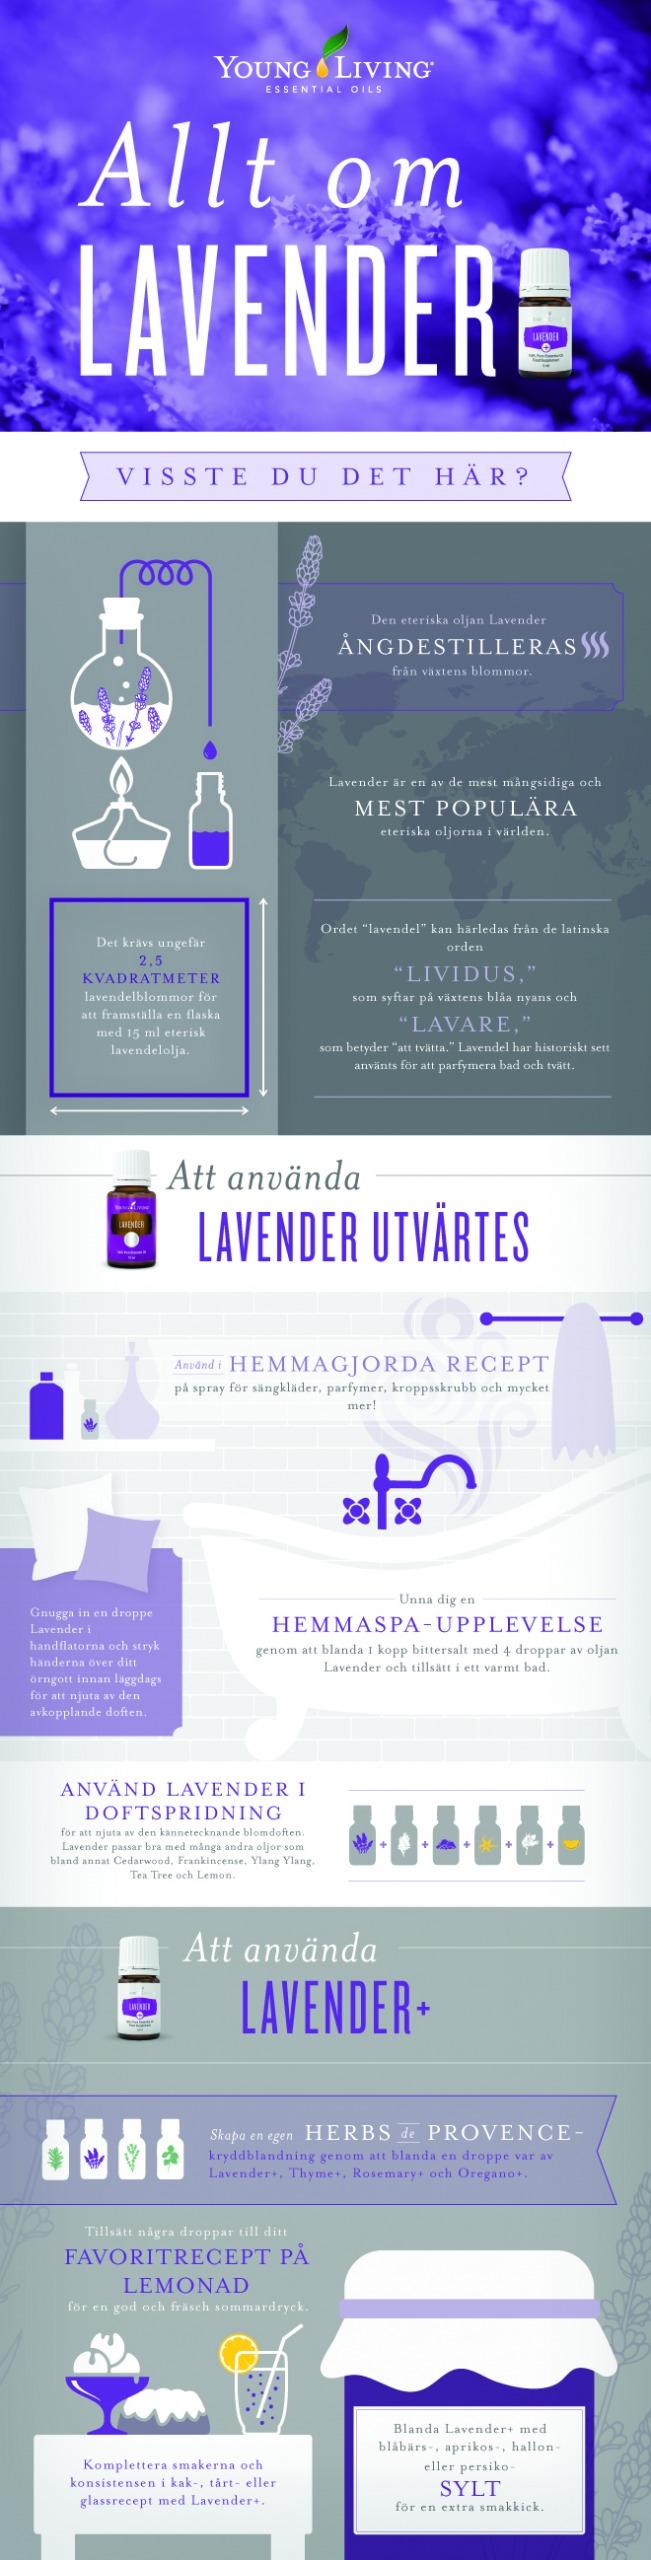 Allt om Lavender